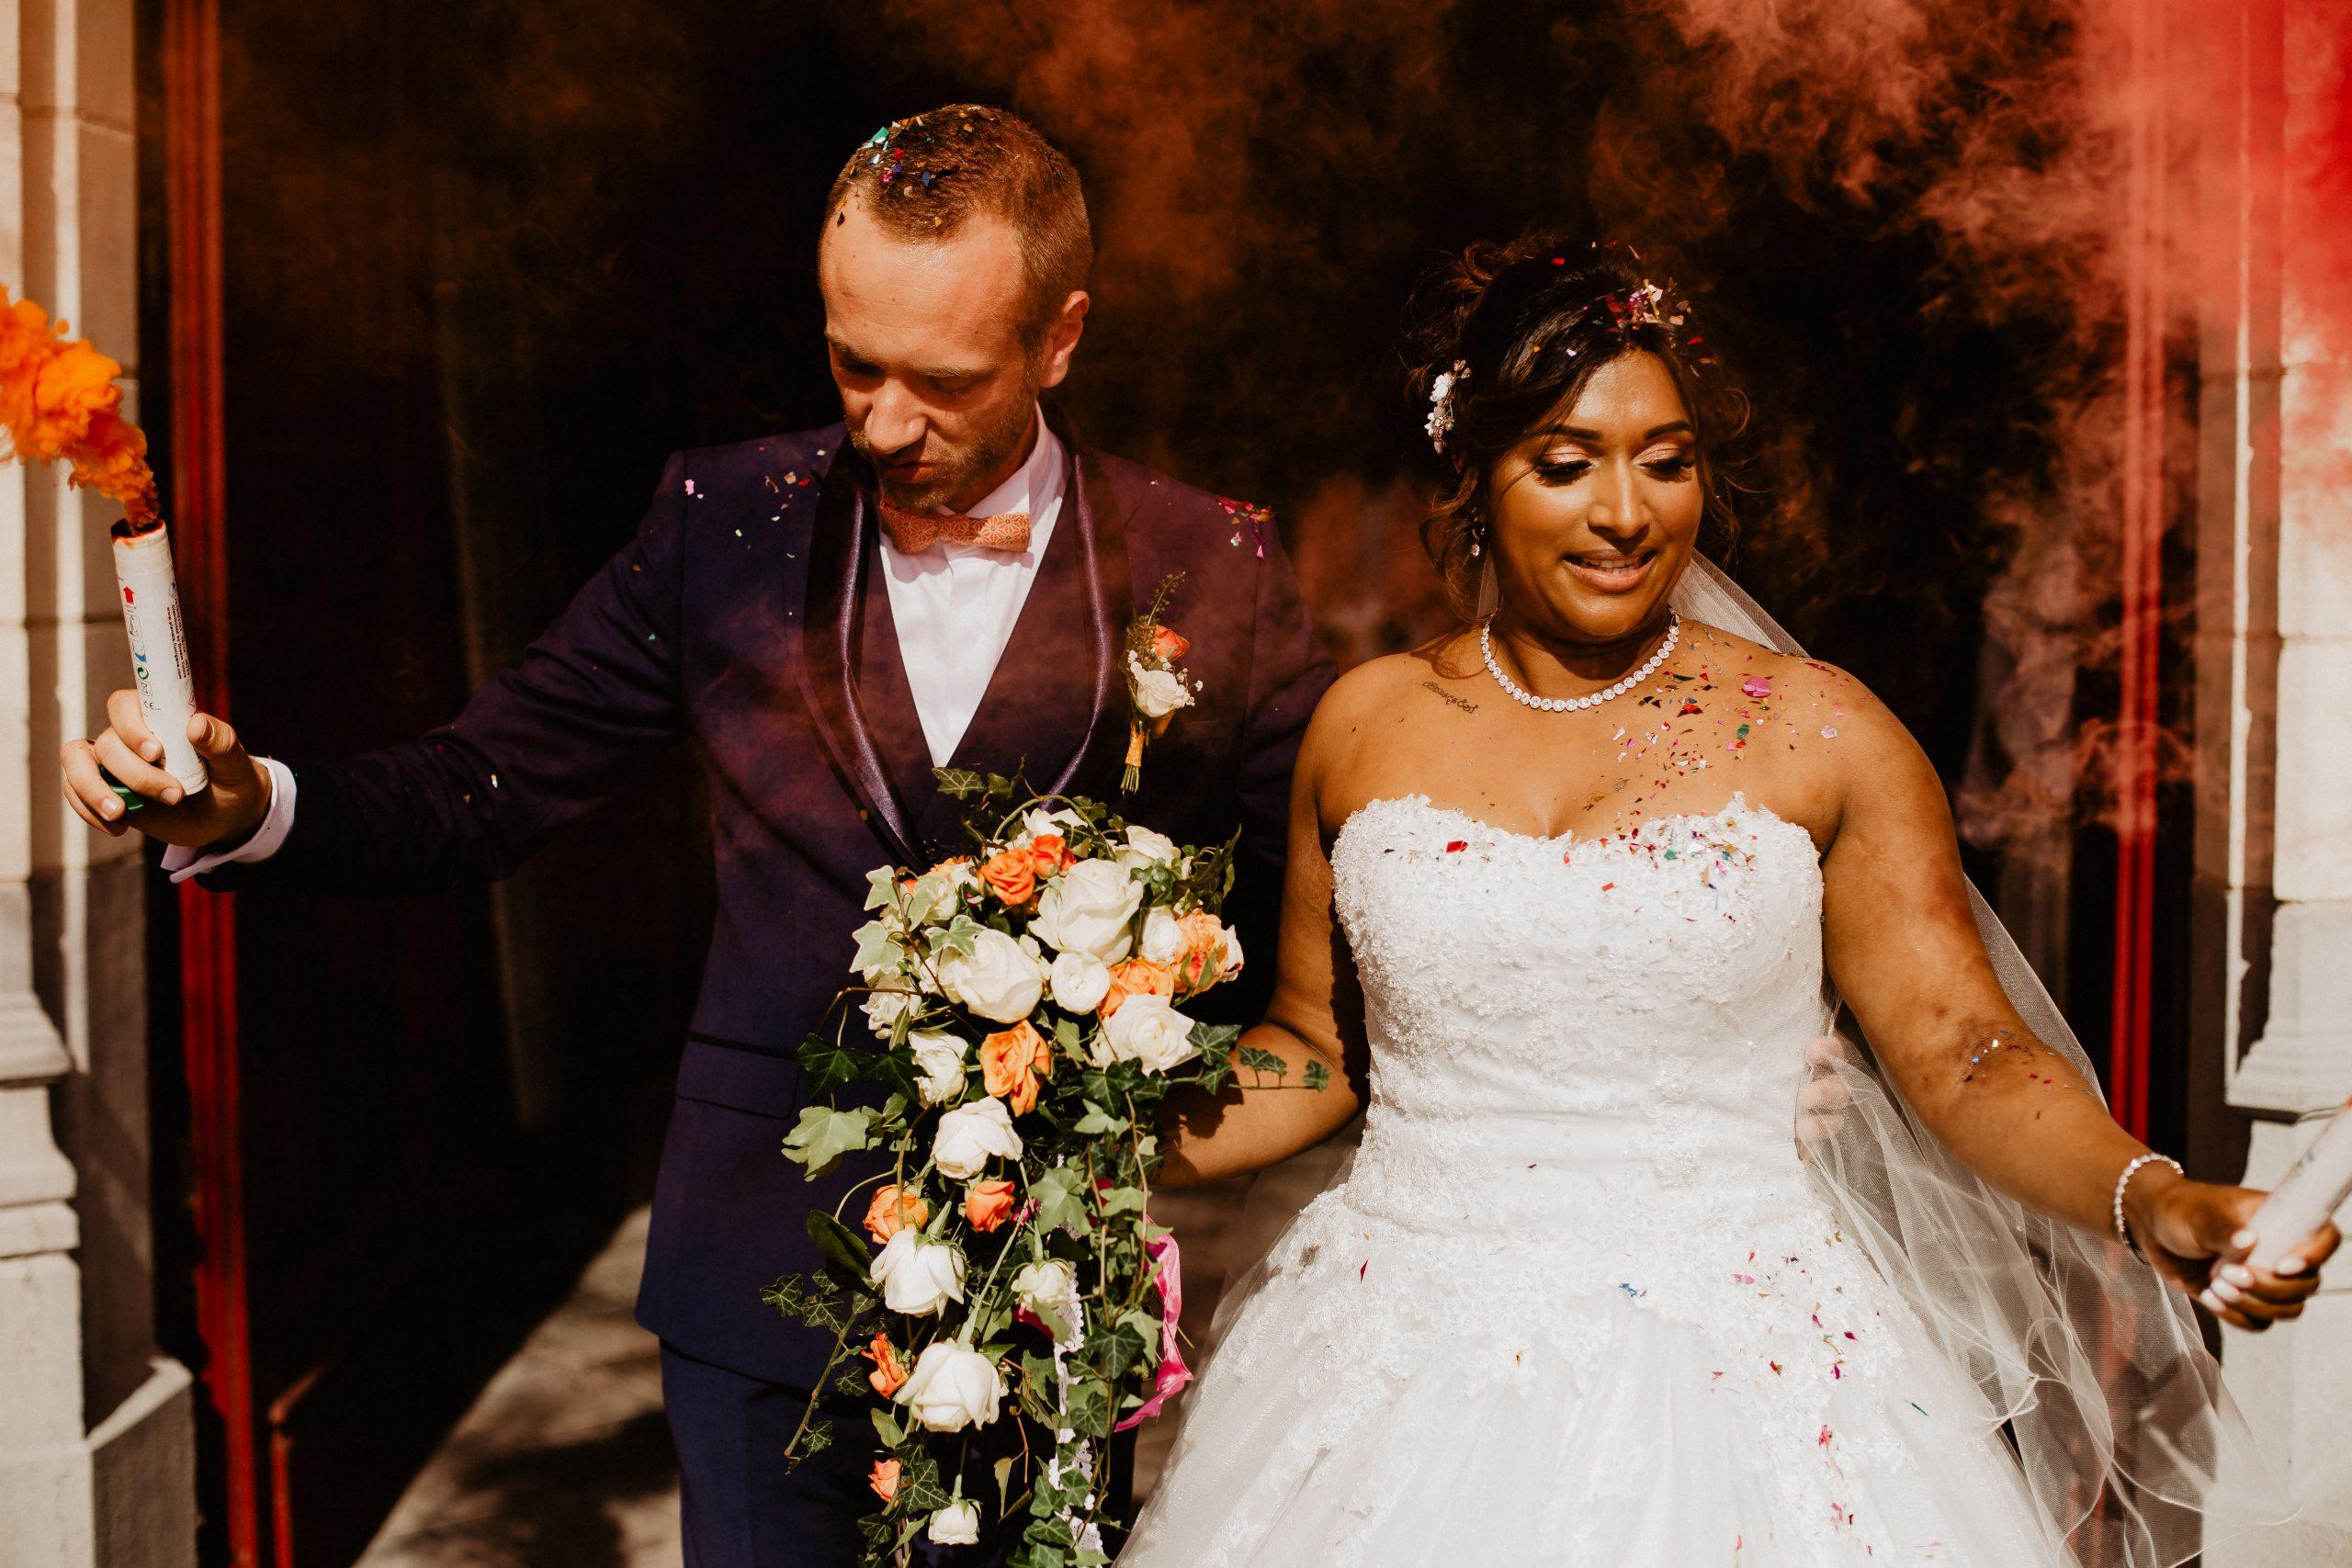 Mariage-Virginie M. Photos-couple-photos-union-amour-Croix-photographe Lille (106)